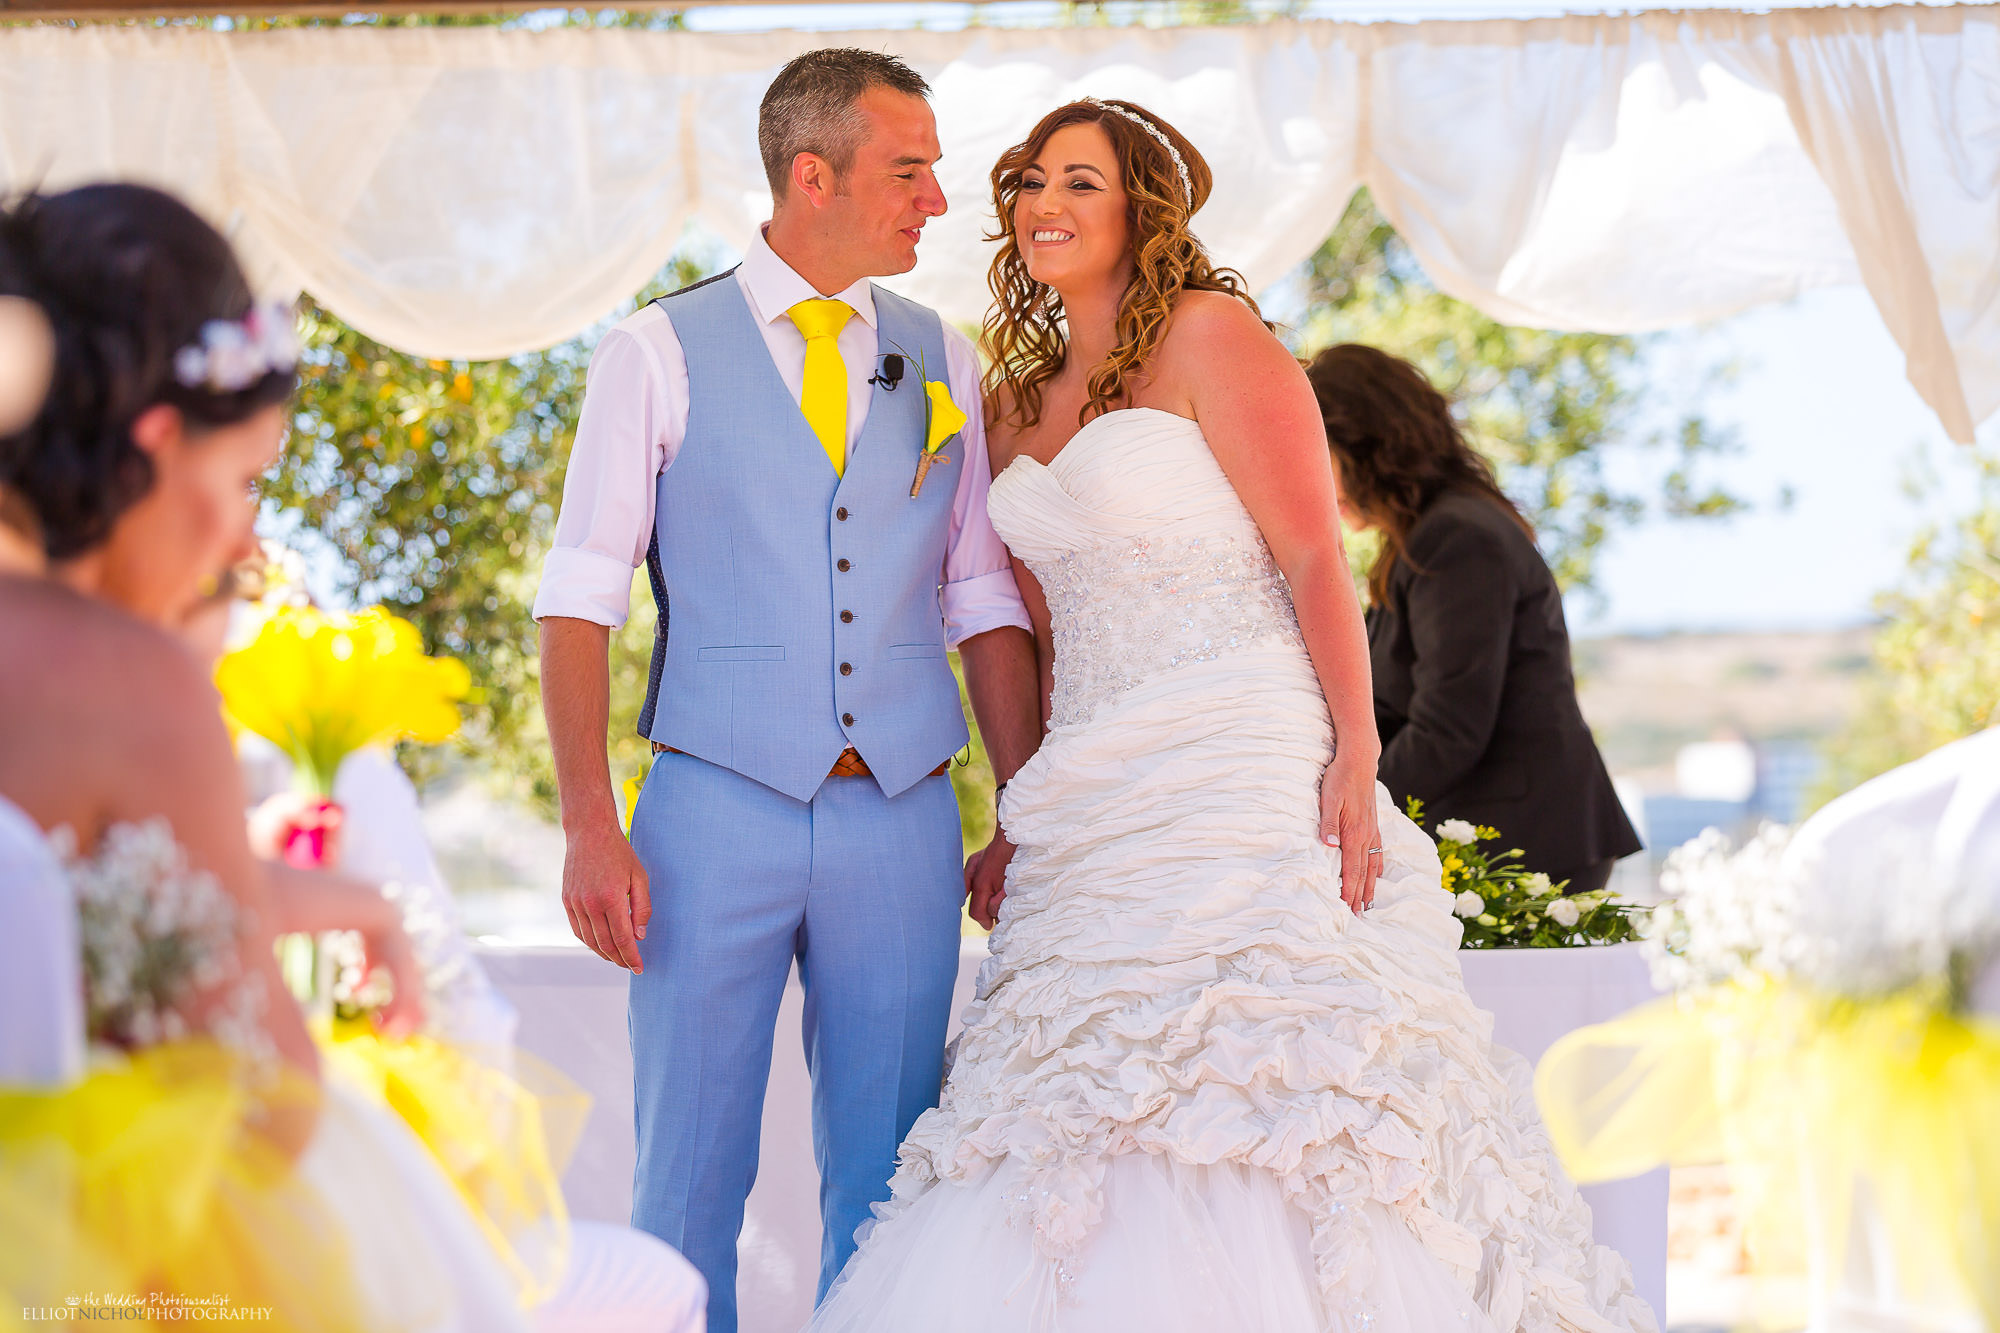 bride-groom-happy-wedding-ceremony-destination-weddings